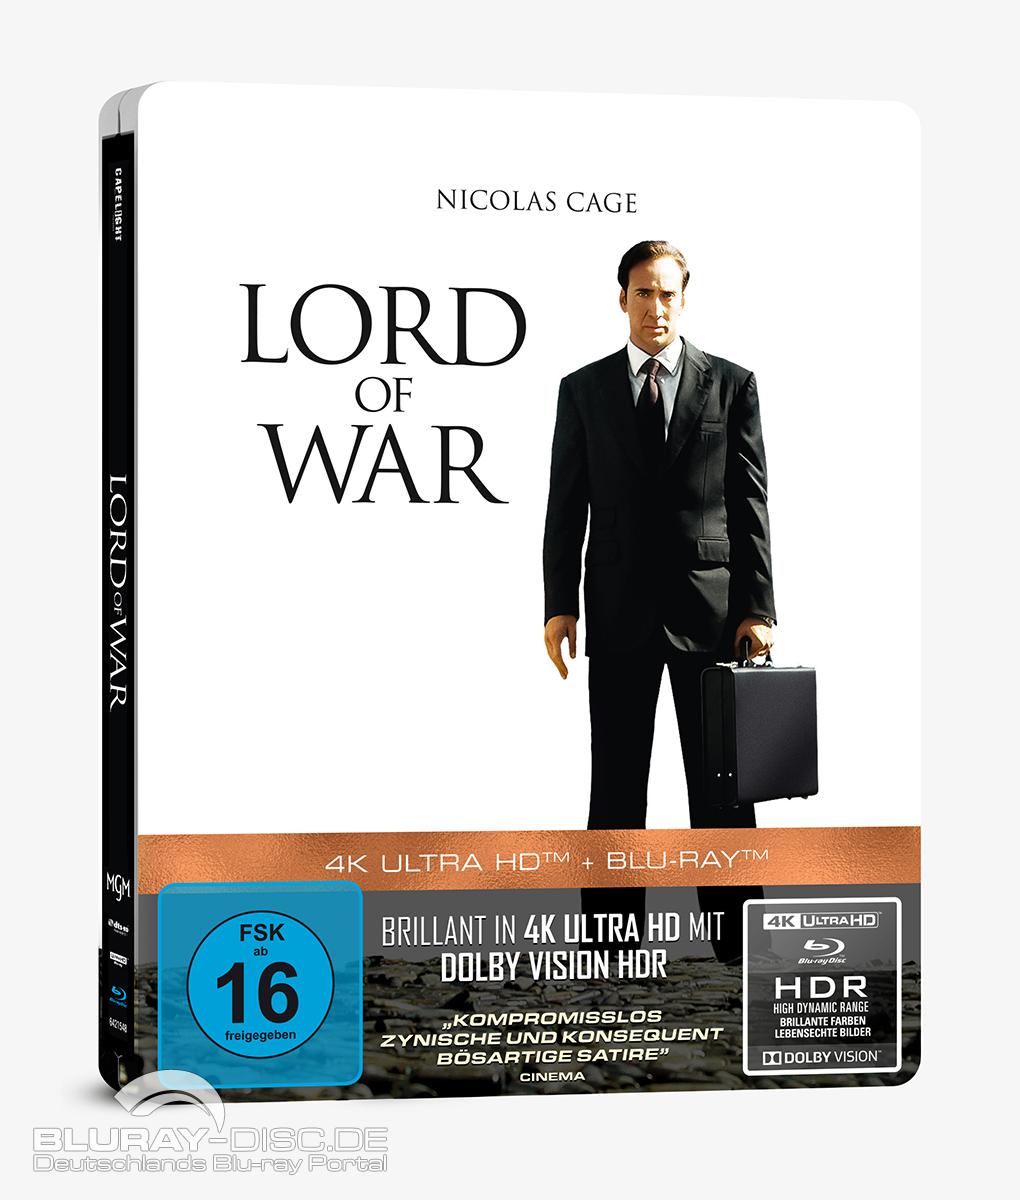 Lord_of_War_Galerie_4K_Steelbook_02.jpg